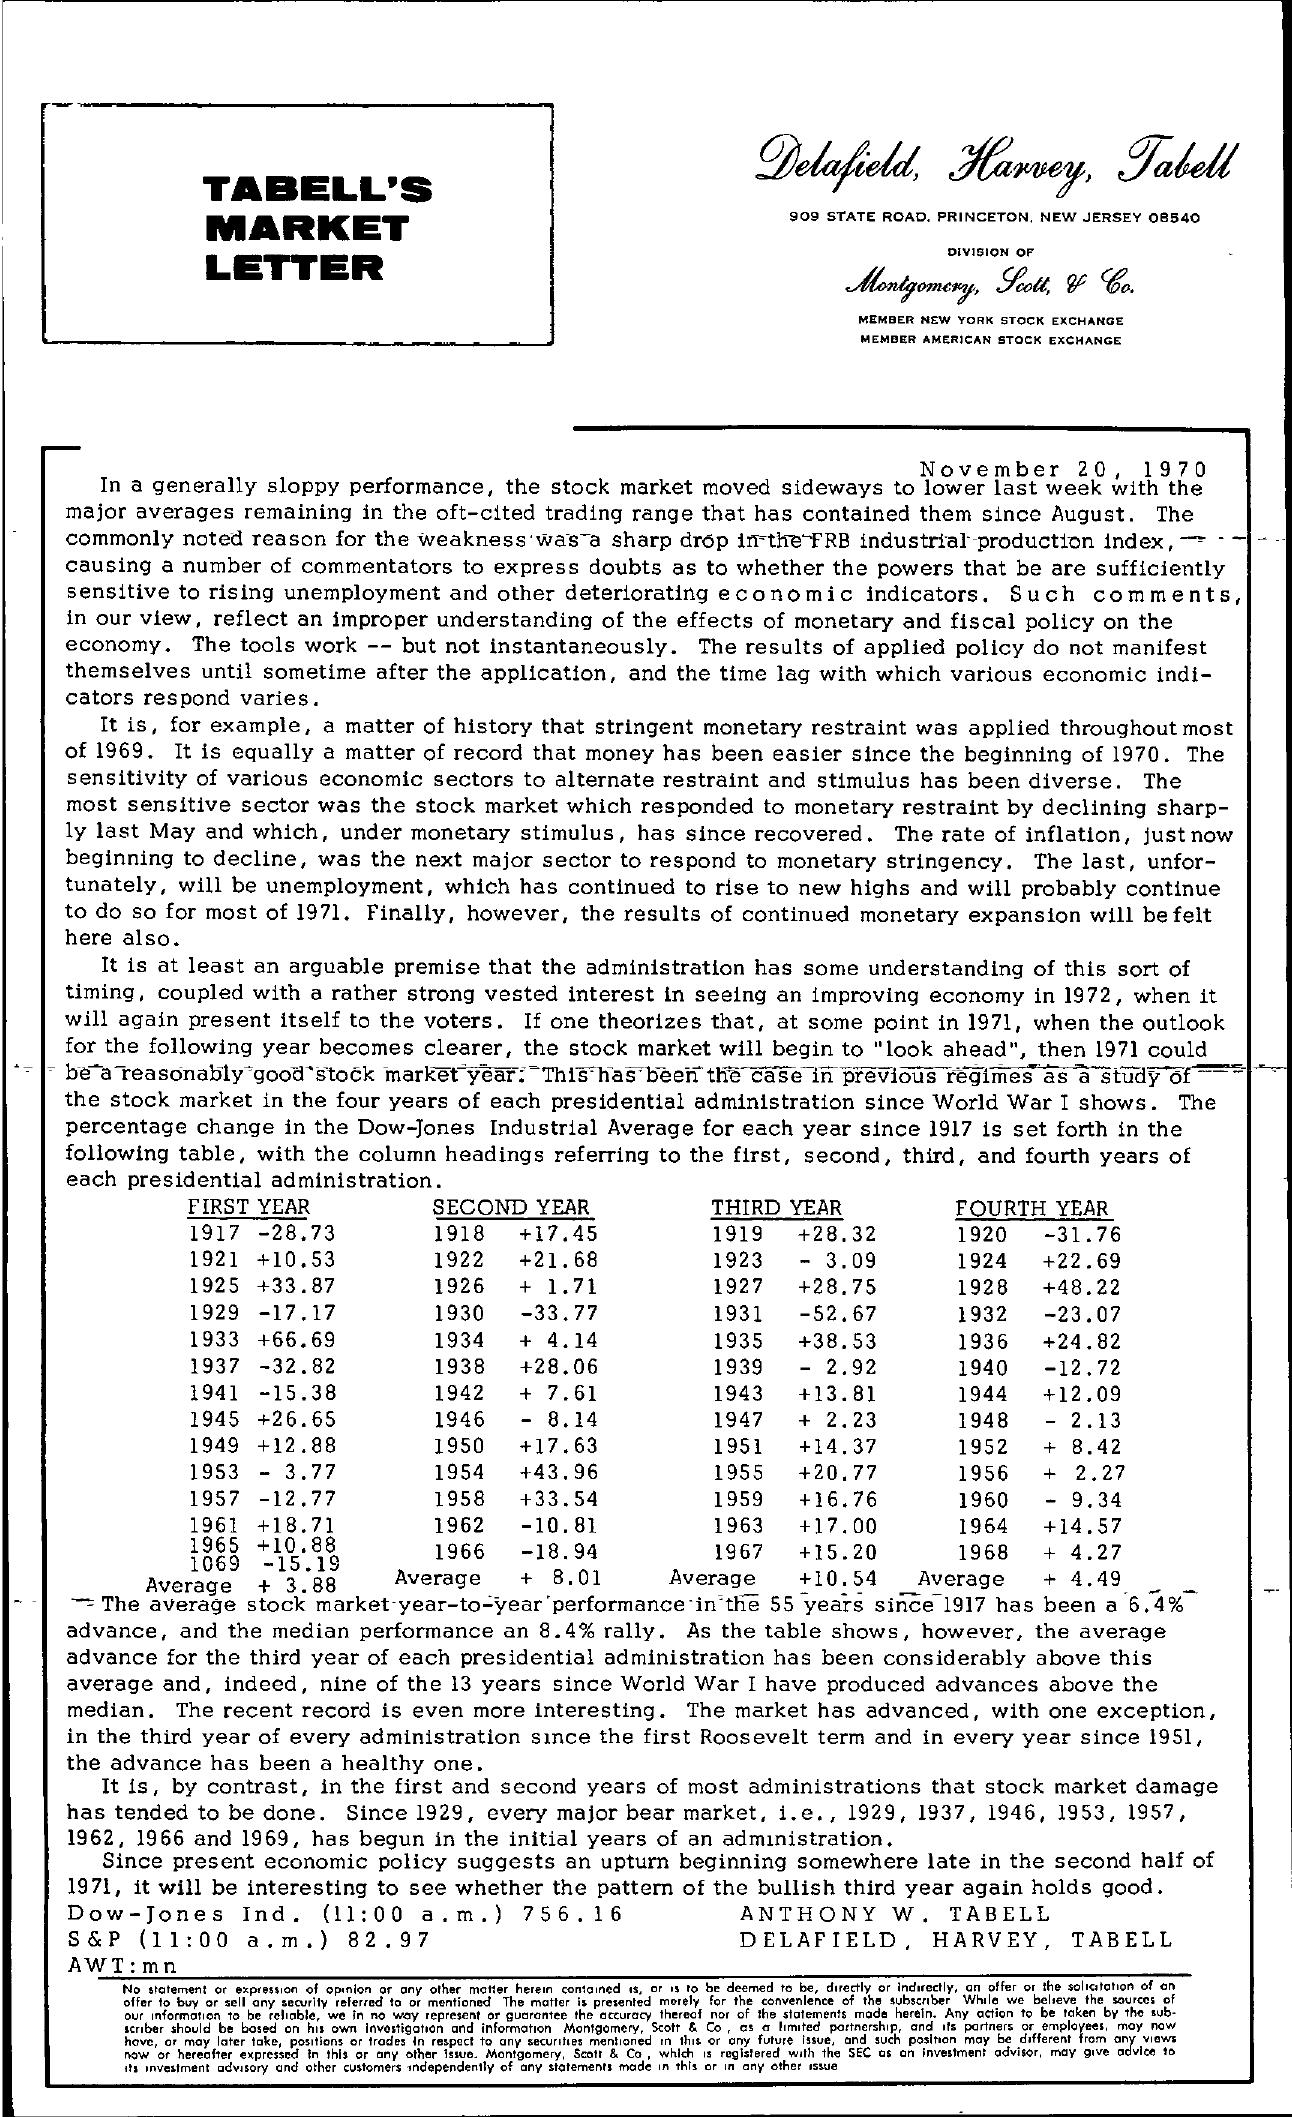 Tabell's Market Letter - November 20, 1970